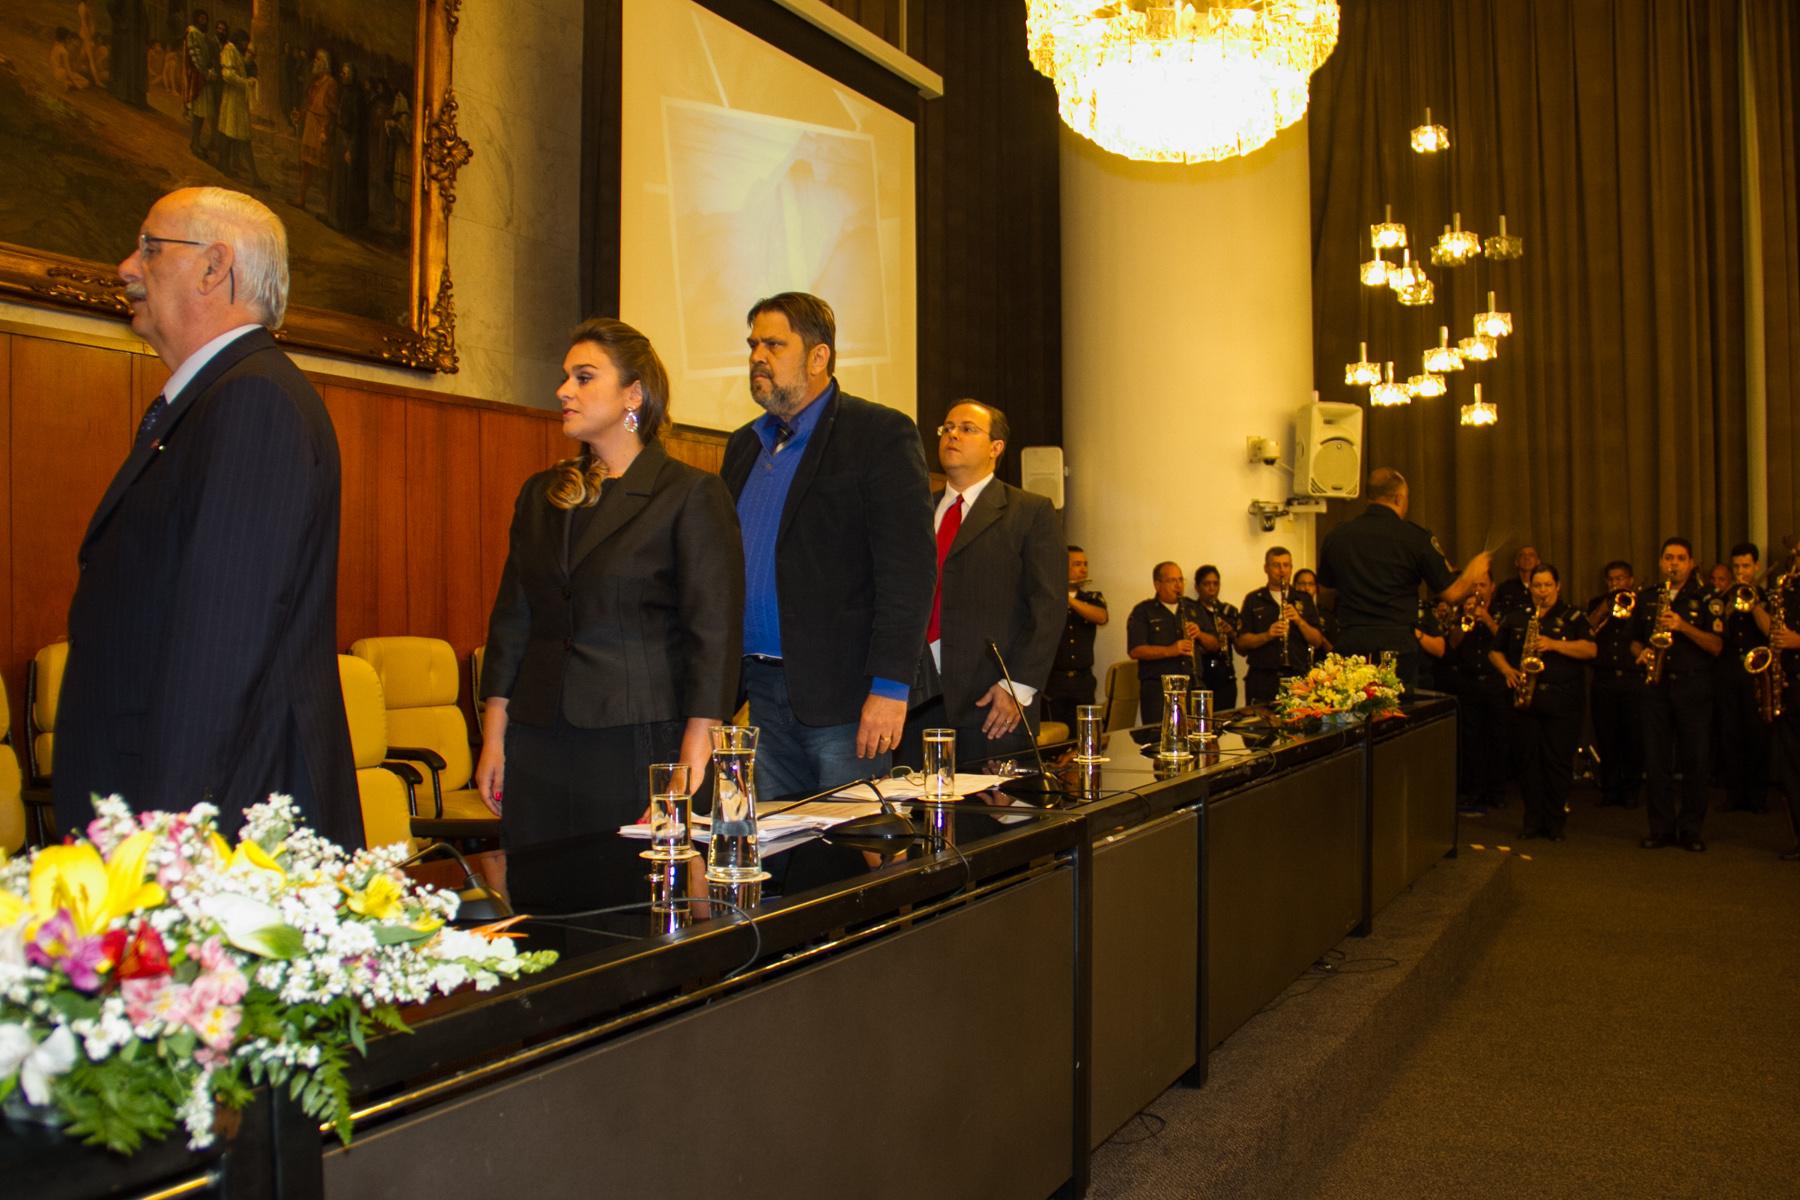 BE Fomos homenageados pela Câmara dos Vereadores de São Paulo